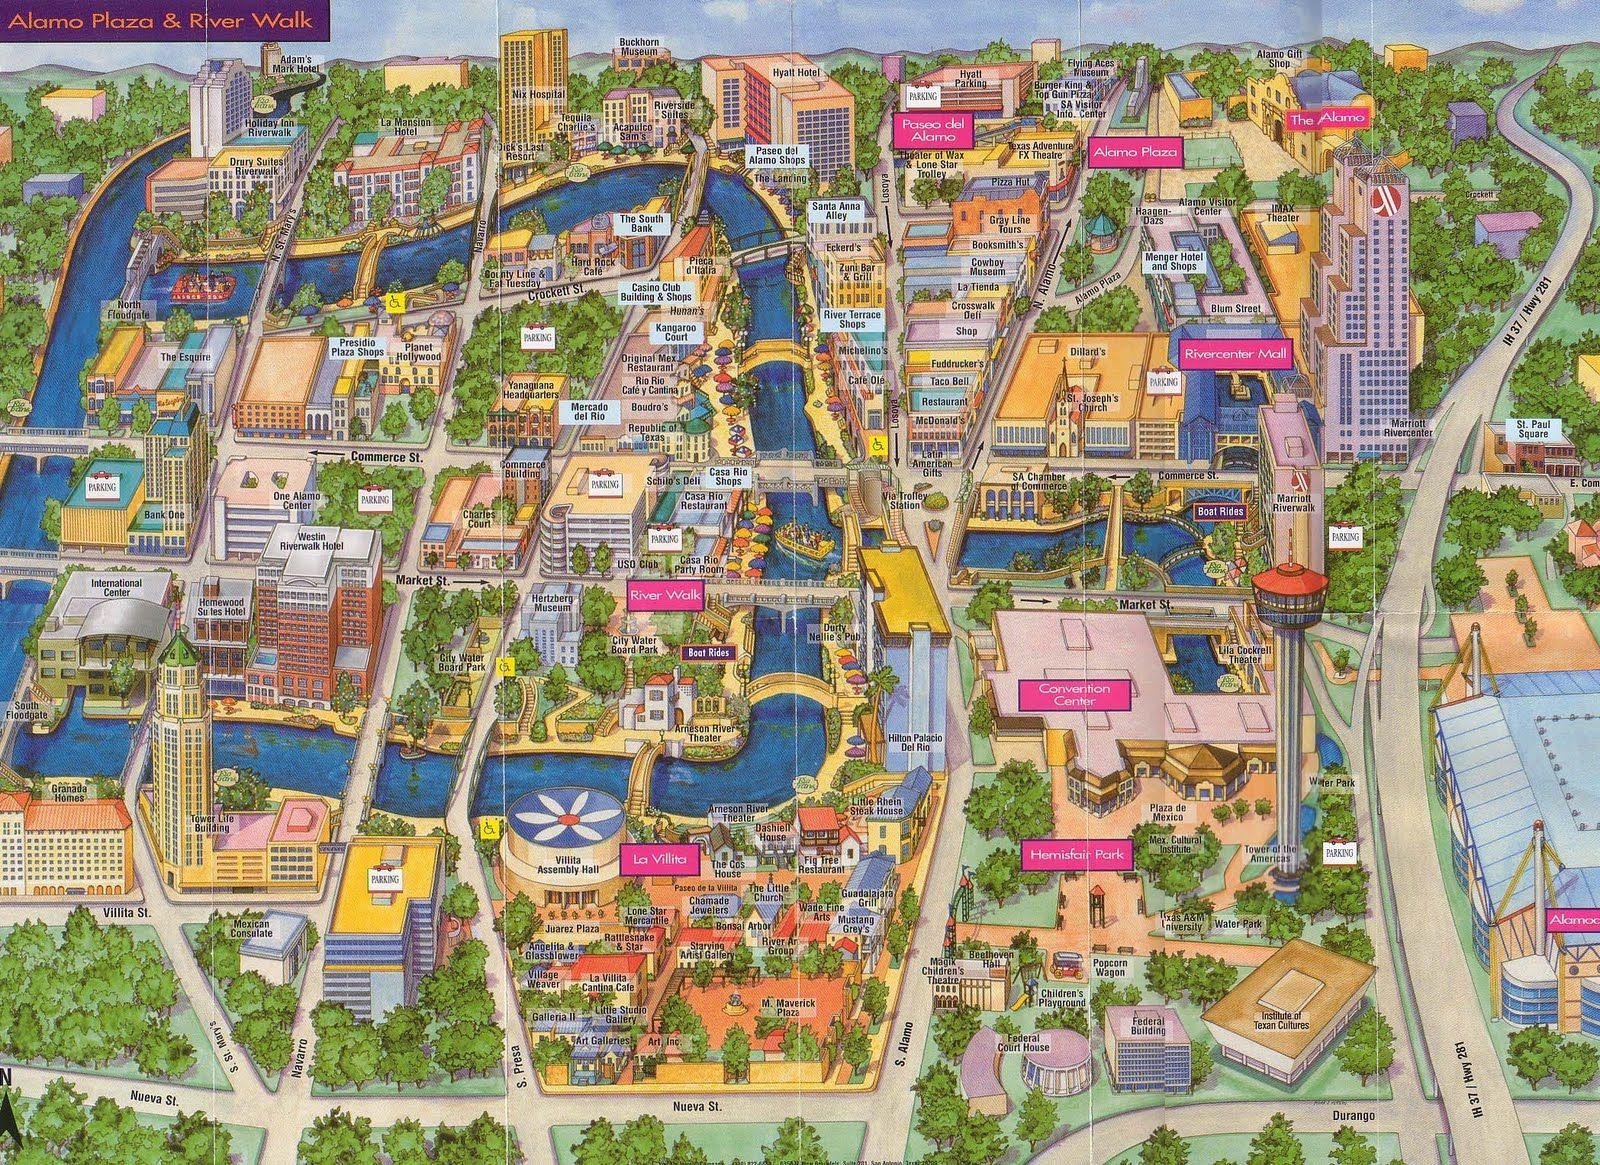 San Antonio River Walk Map | Around San Antonio | San Antonio River - Map Of Hotels Near Riverwalk In San Antonio Texas